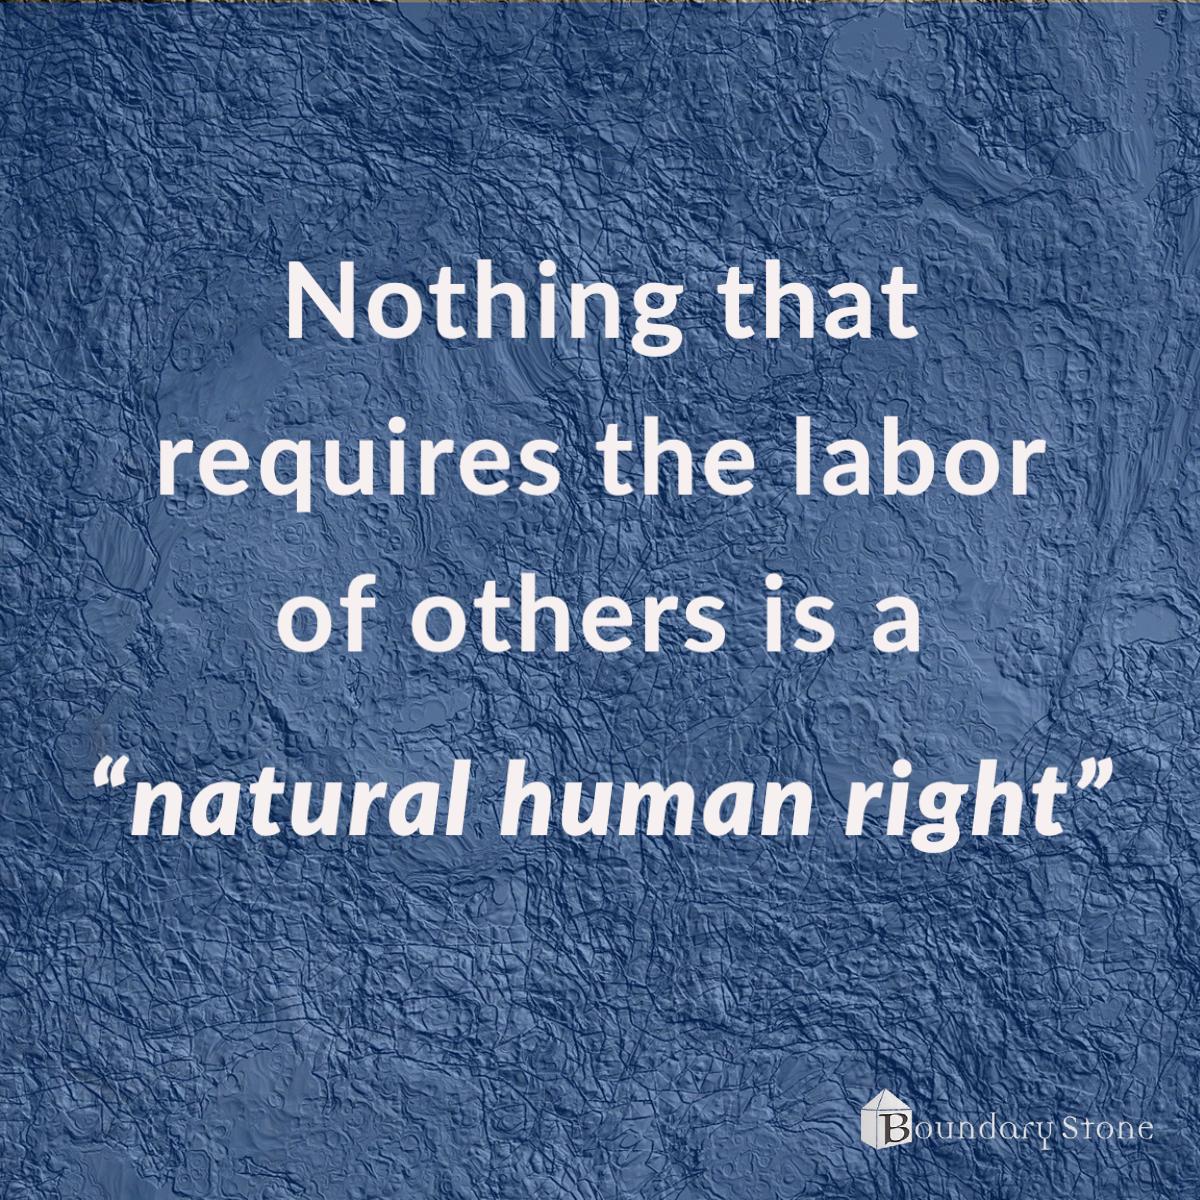 Natural Human Rights